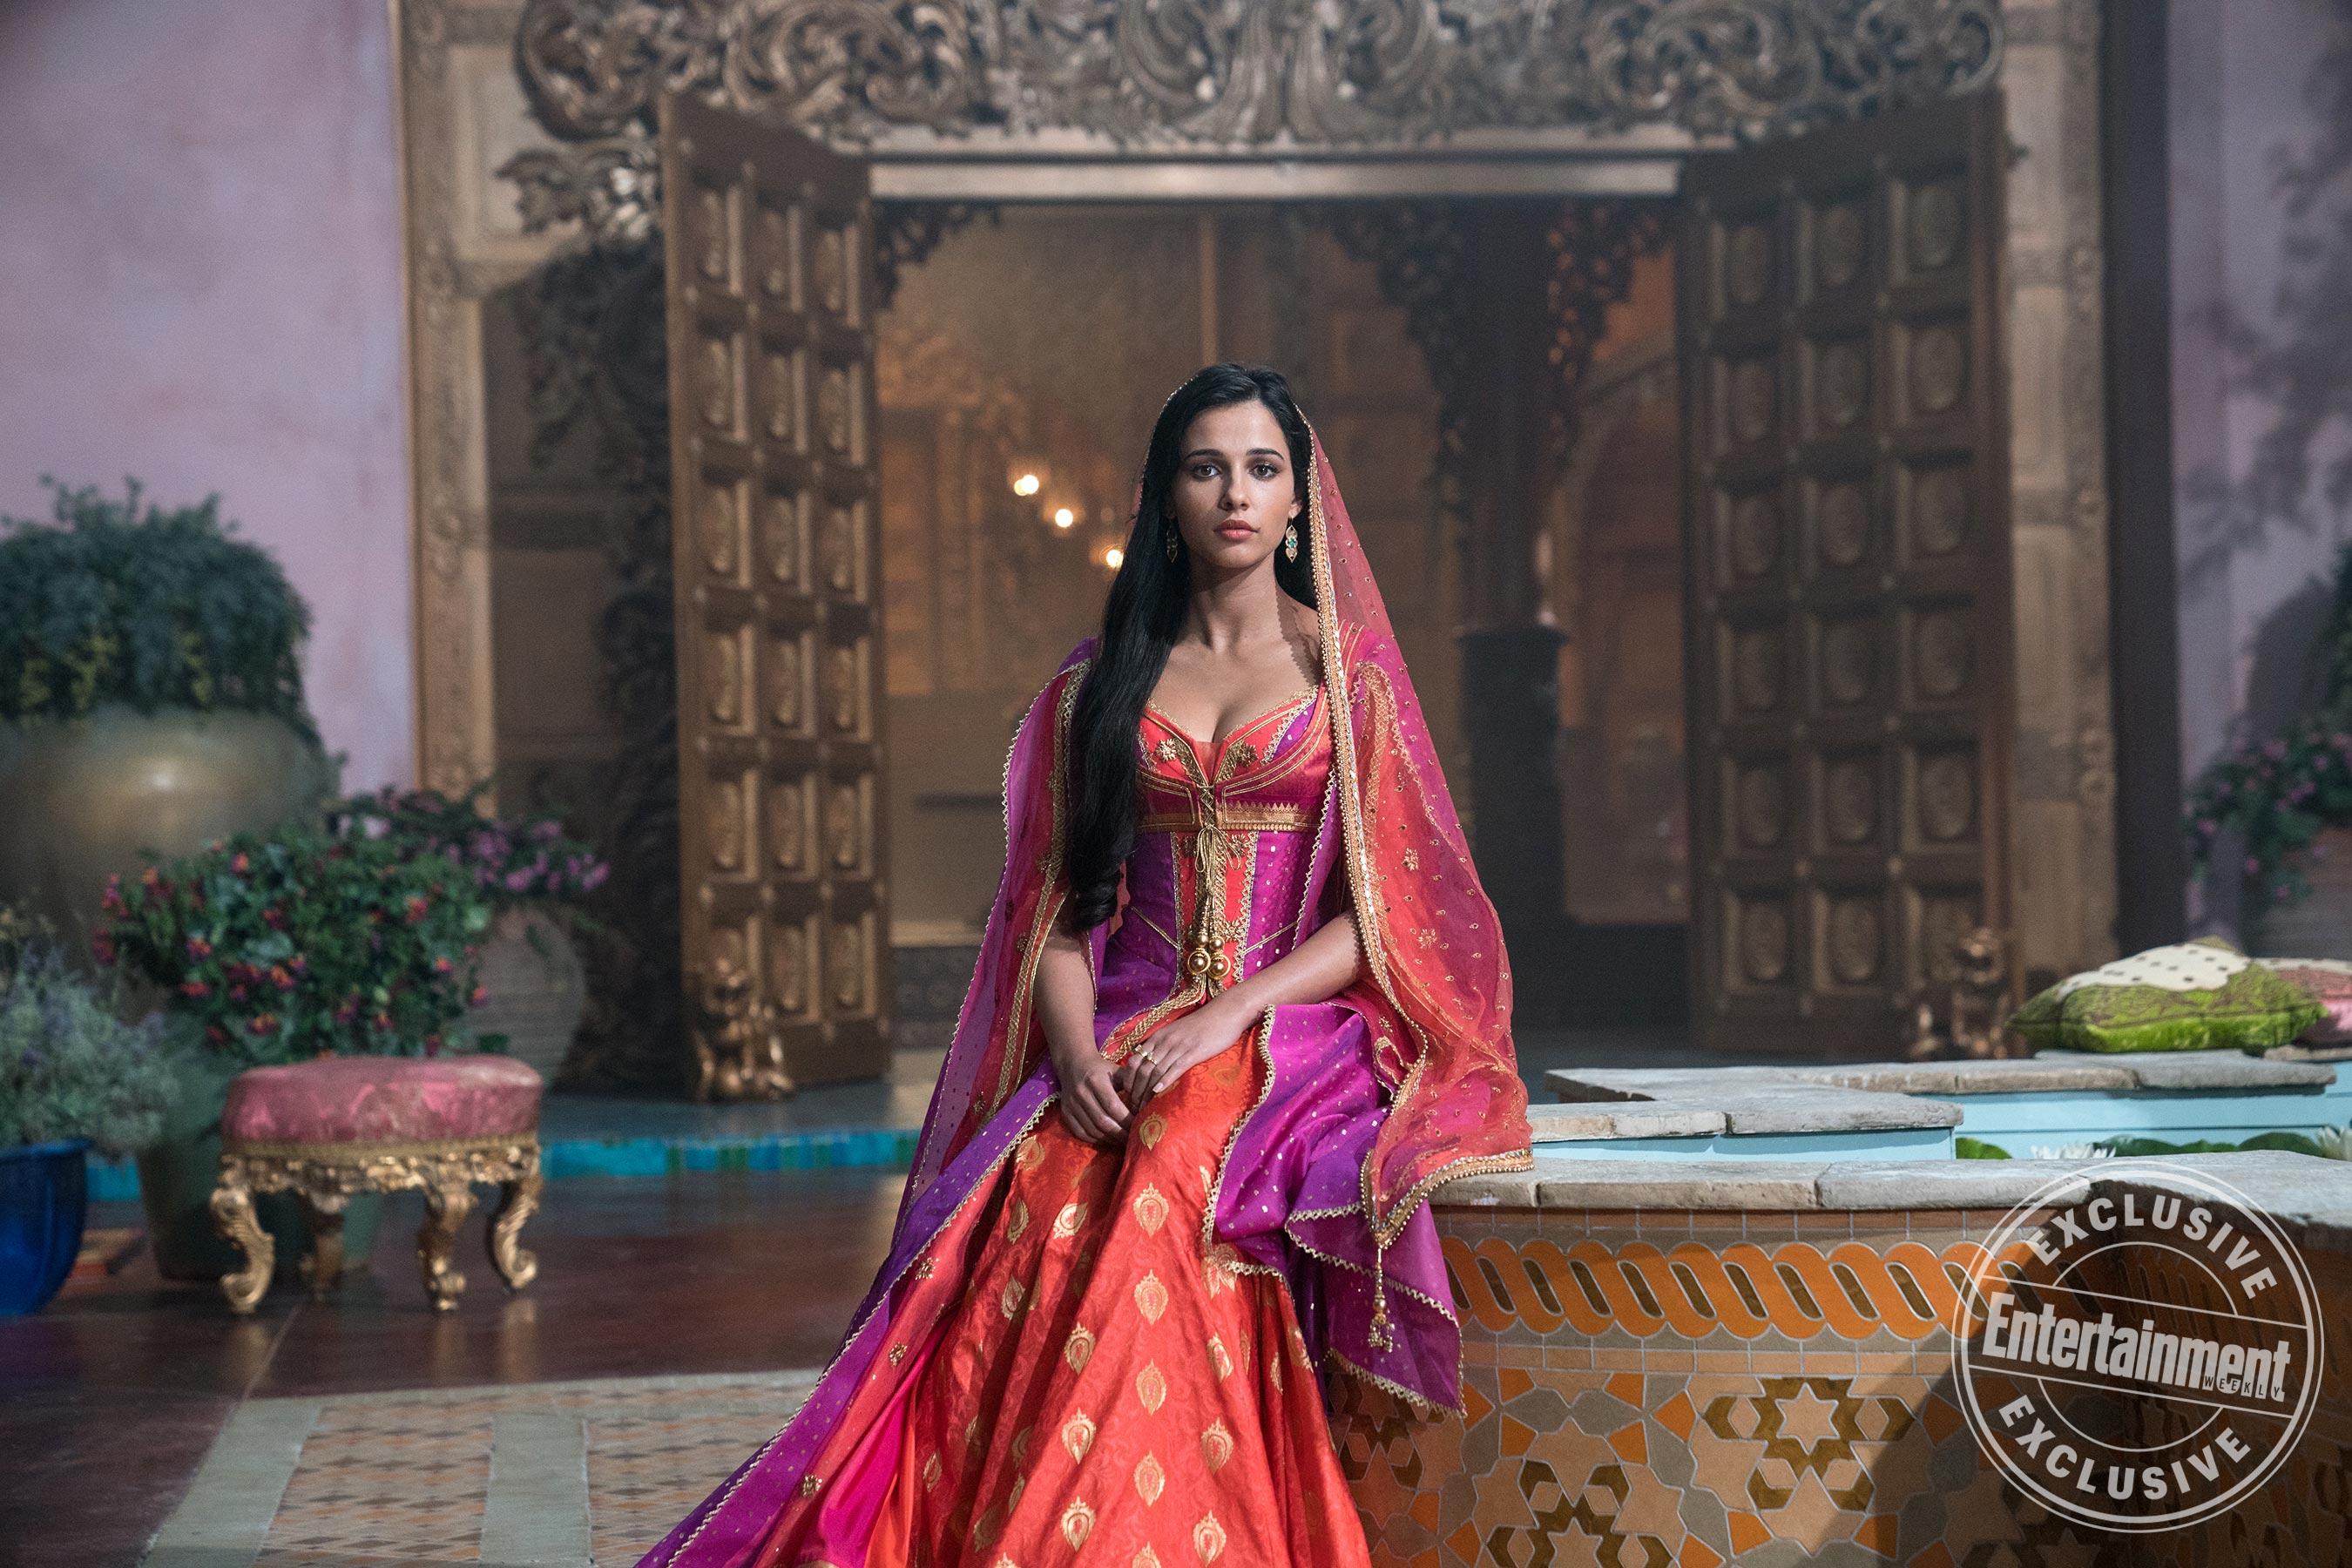 ویدیو رسمی فیلم علاالدین - Aladdin با بازی ویل اسمیت + پوستر جدید فیلم